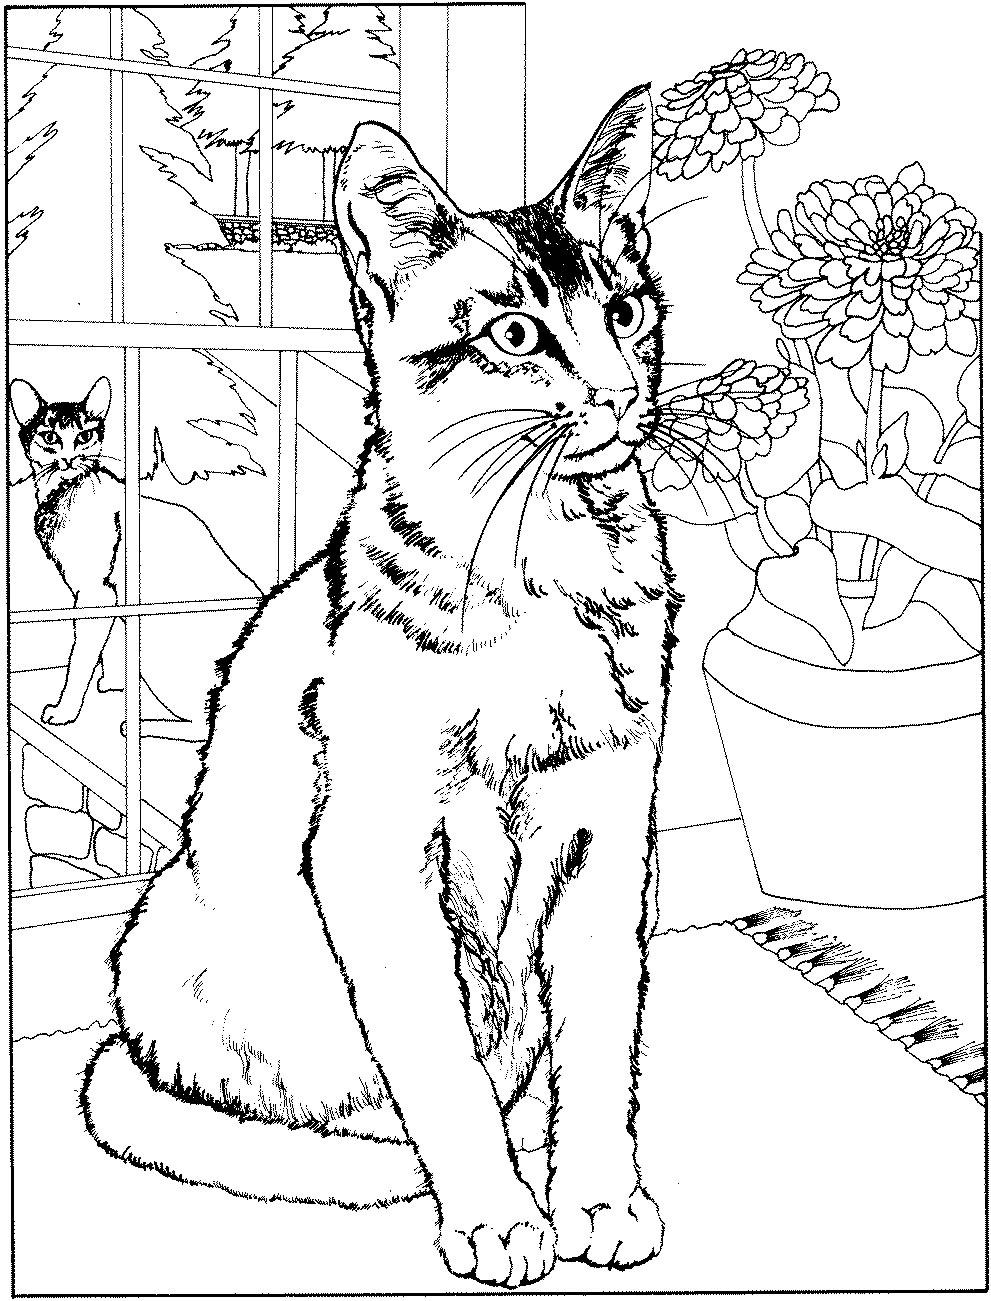 260 Dessins De Coloriage Chat À Imprimer Sur Laguerche encequiconcerne Image De Chat A Imprimer